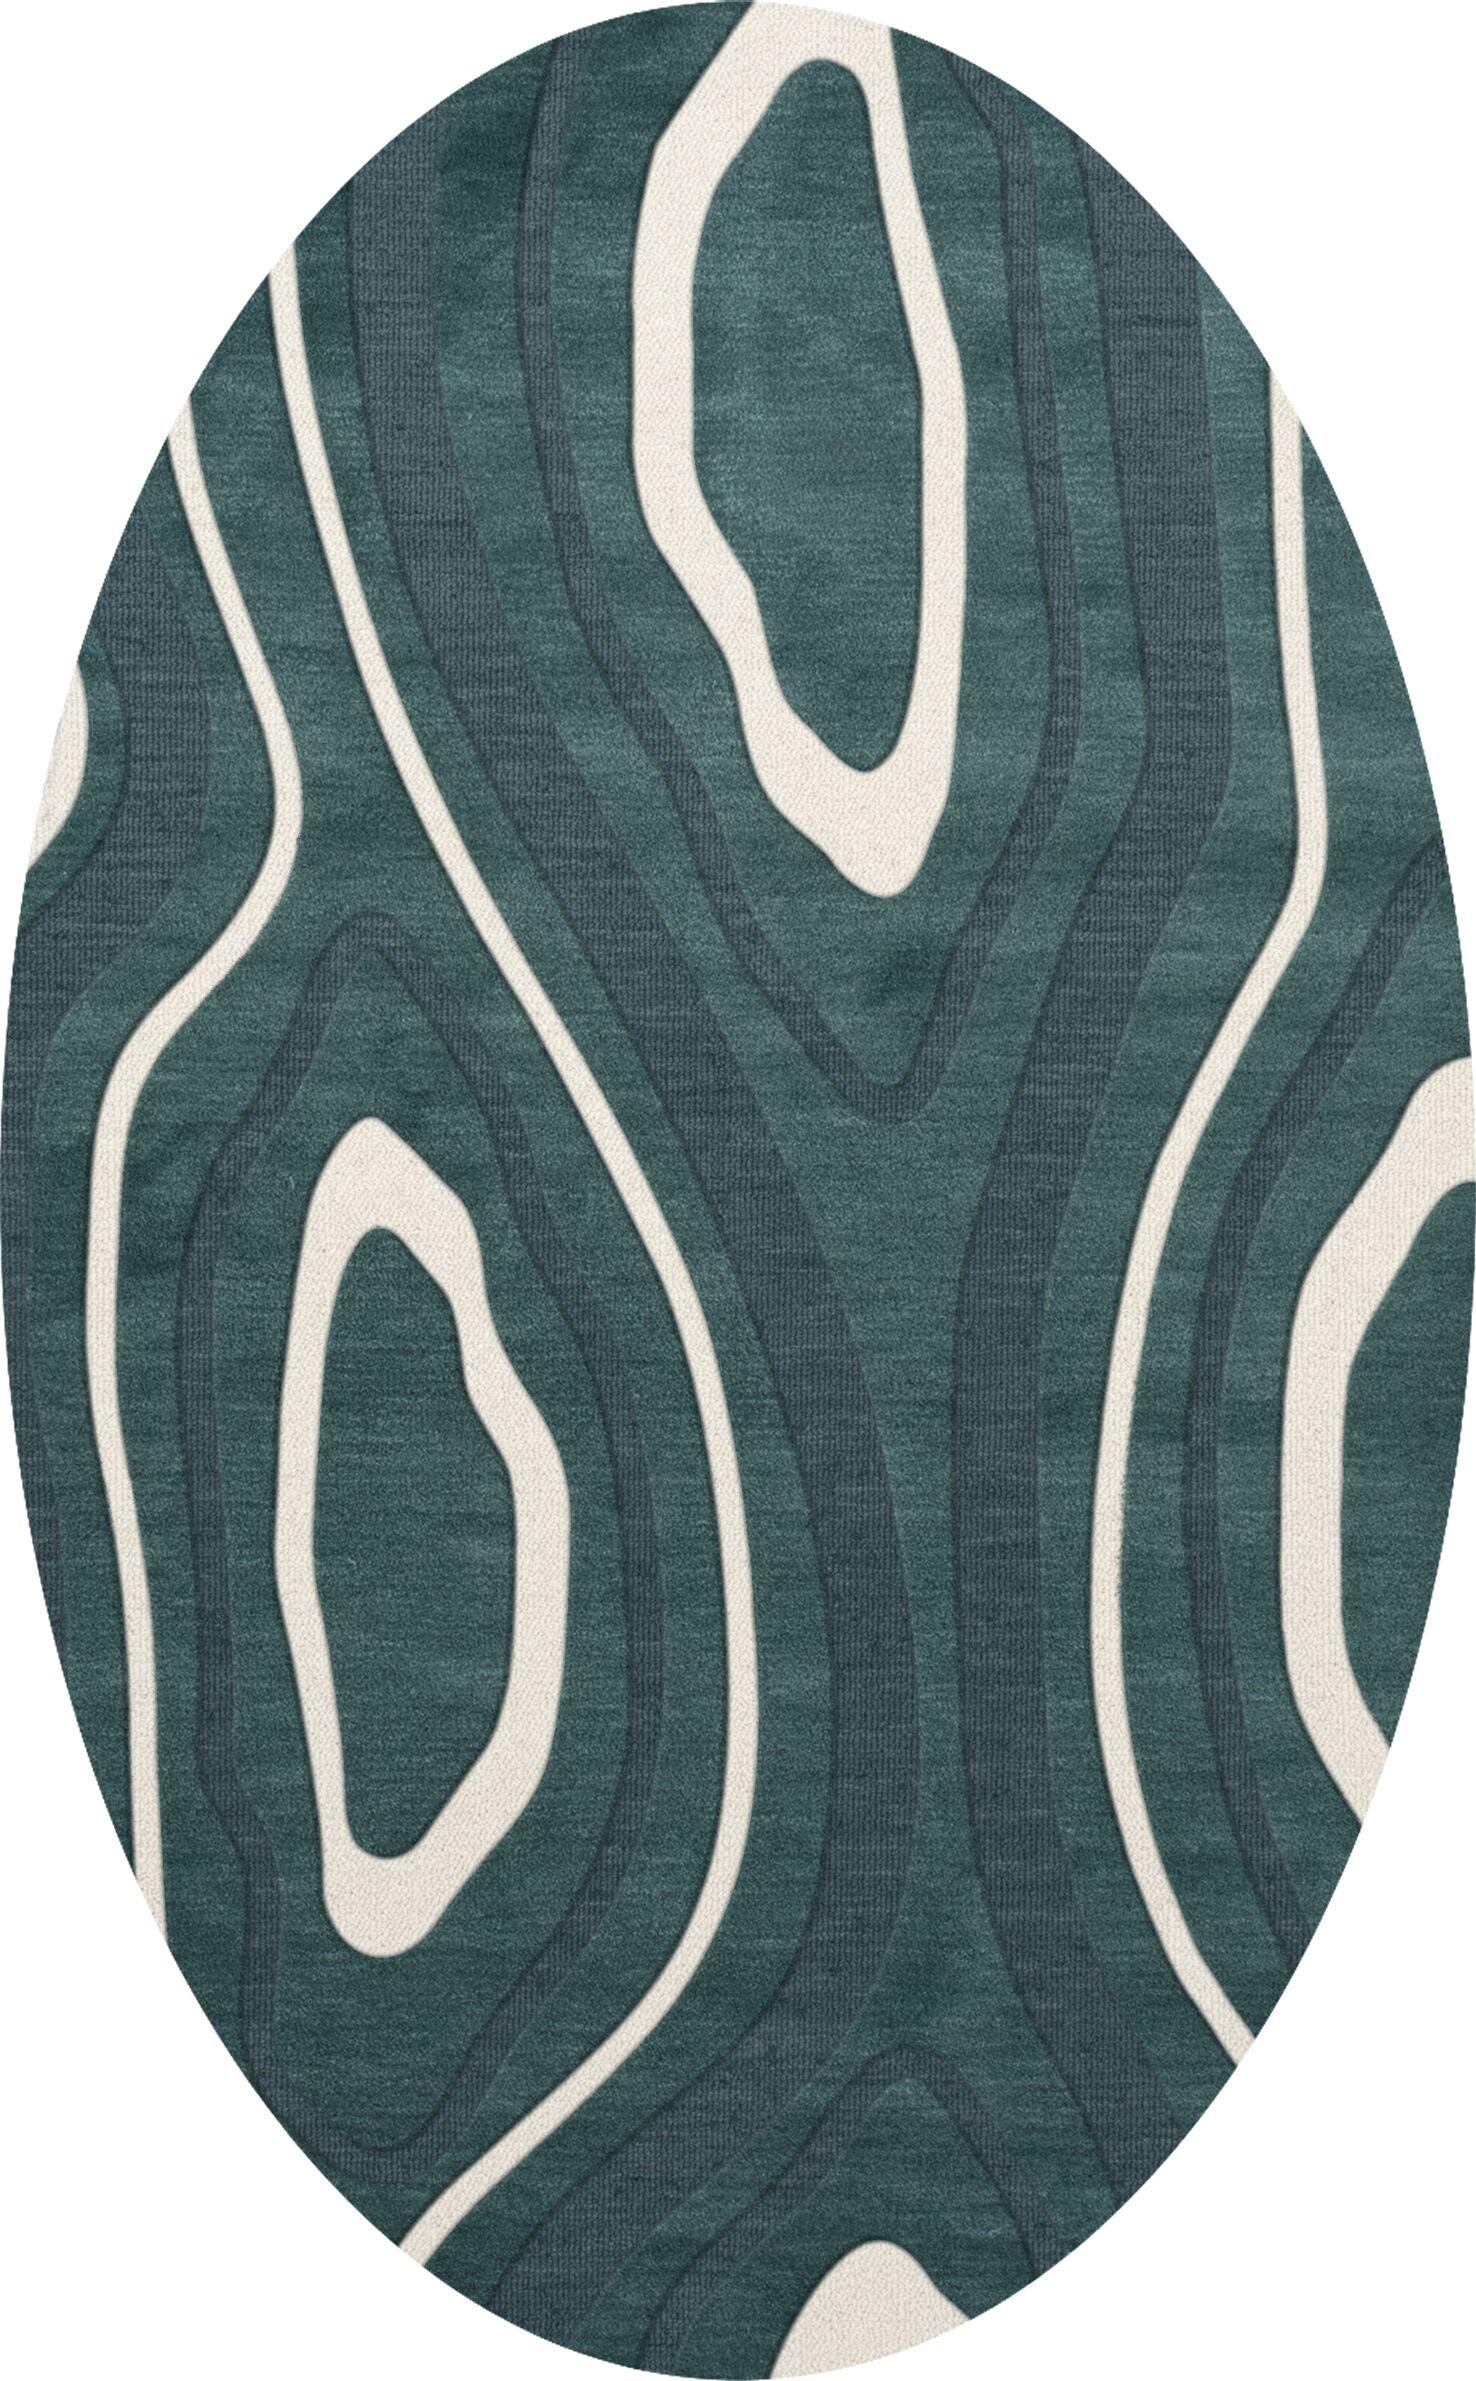 Sarahi Wool Geyser Area Rug Rug Size: Oval 10' x 14'